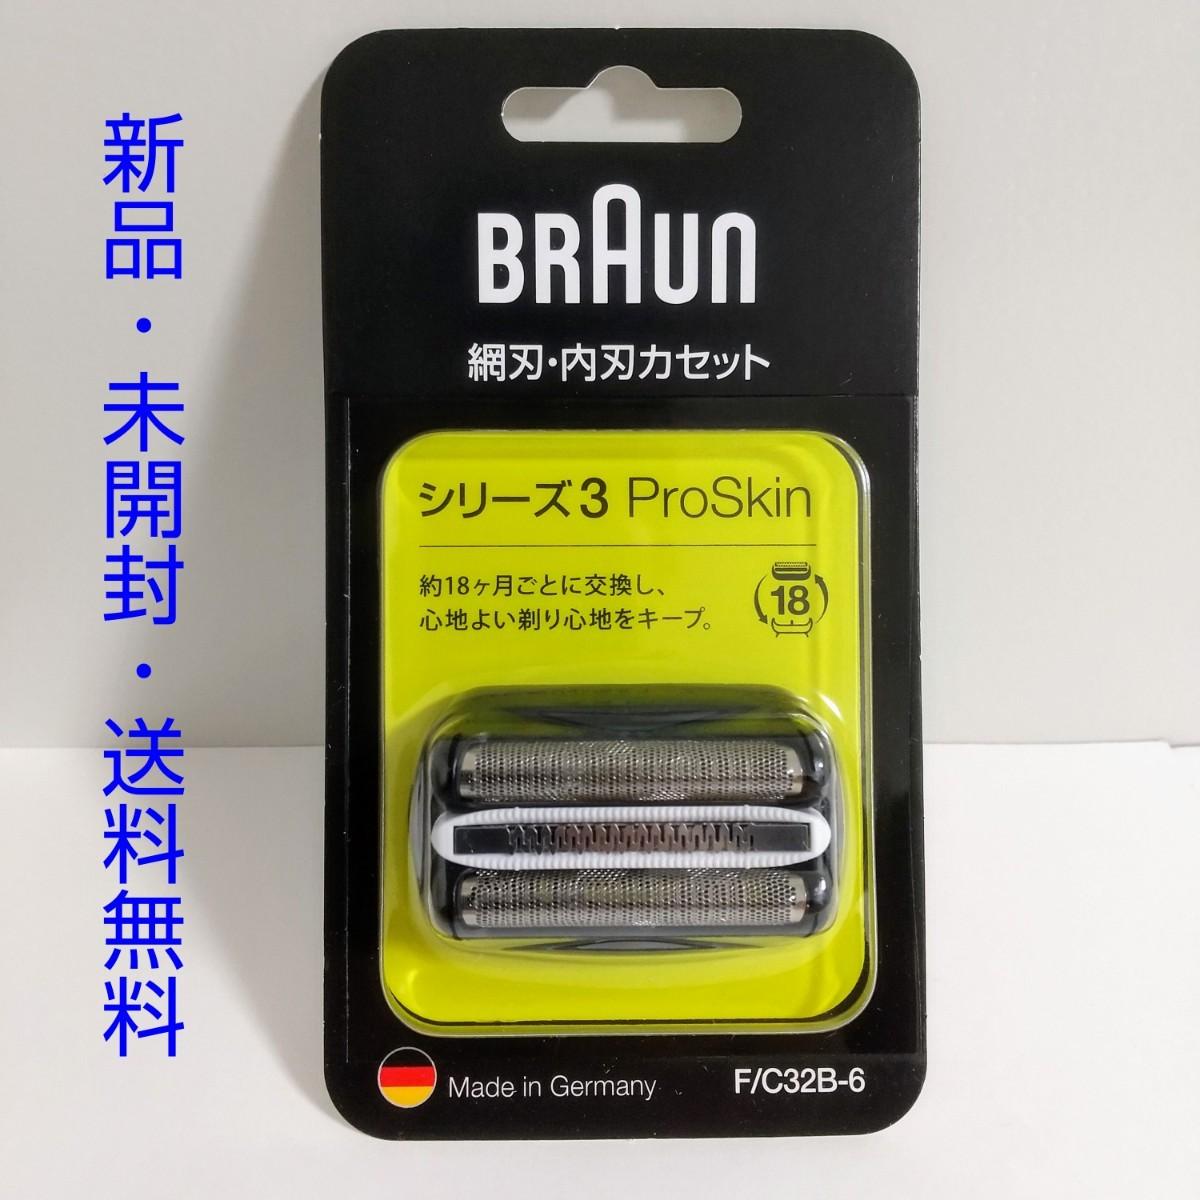 ブラウン F/C32B-6 シェーバー用替刃セット 交換 替刃